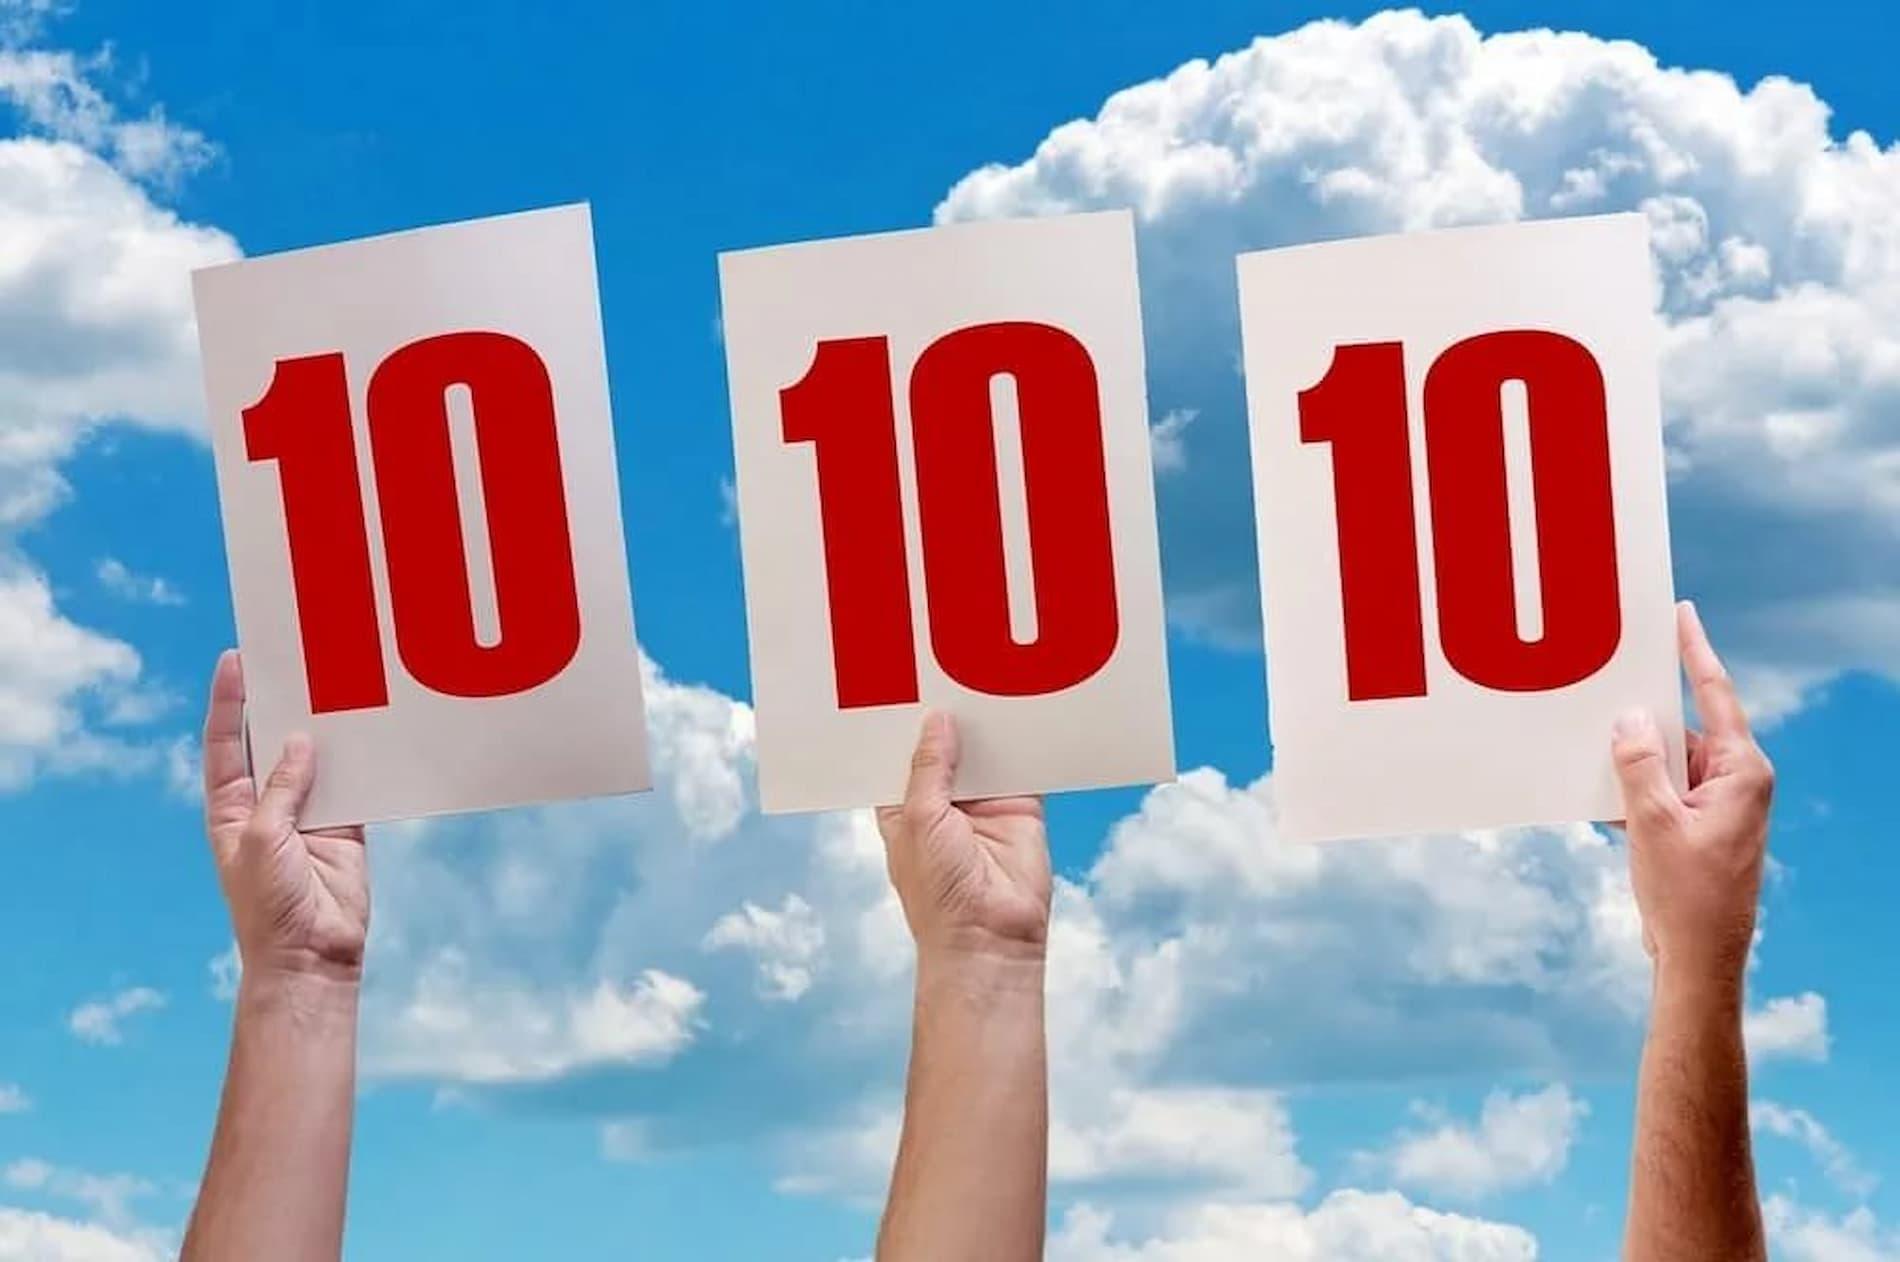 ДАРИМ 10% НА ВСЁ ЗА ВСЕ 10-КИ